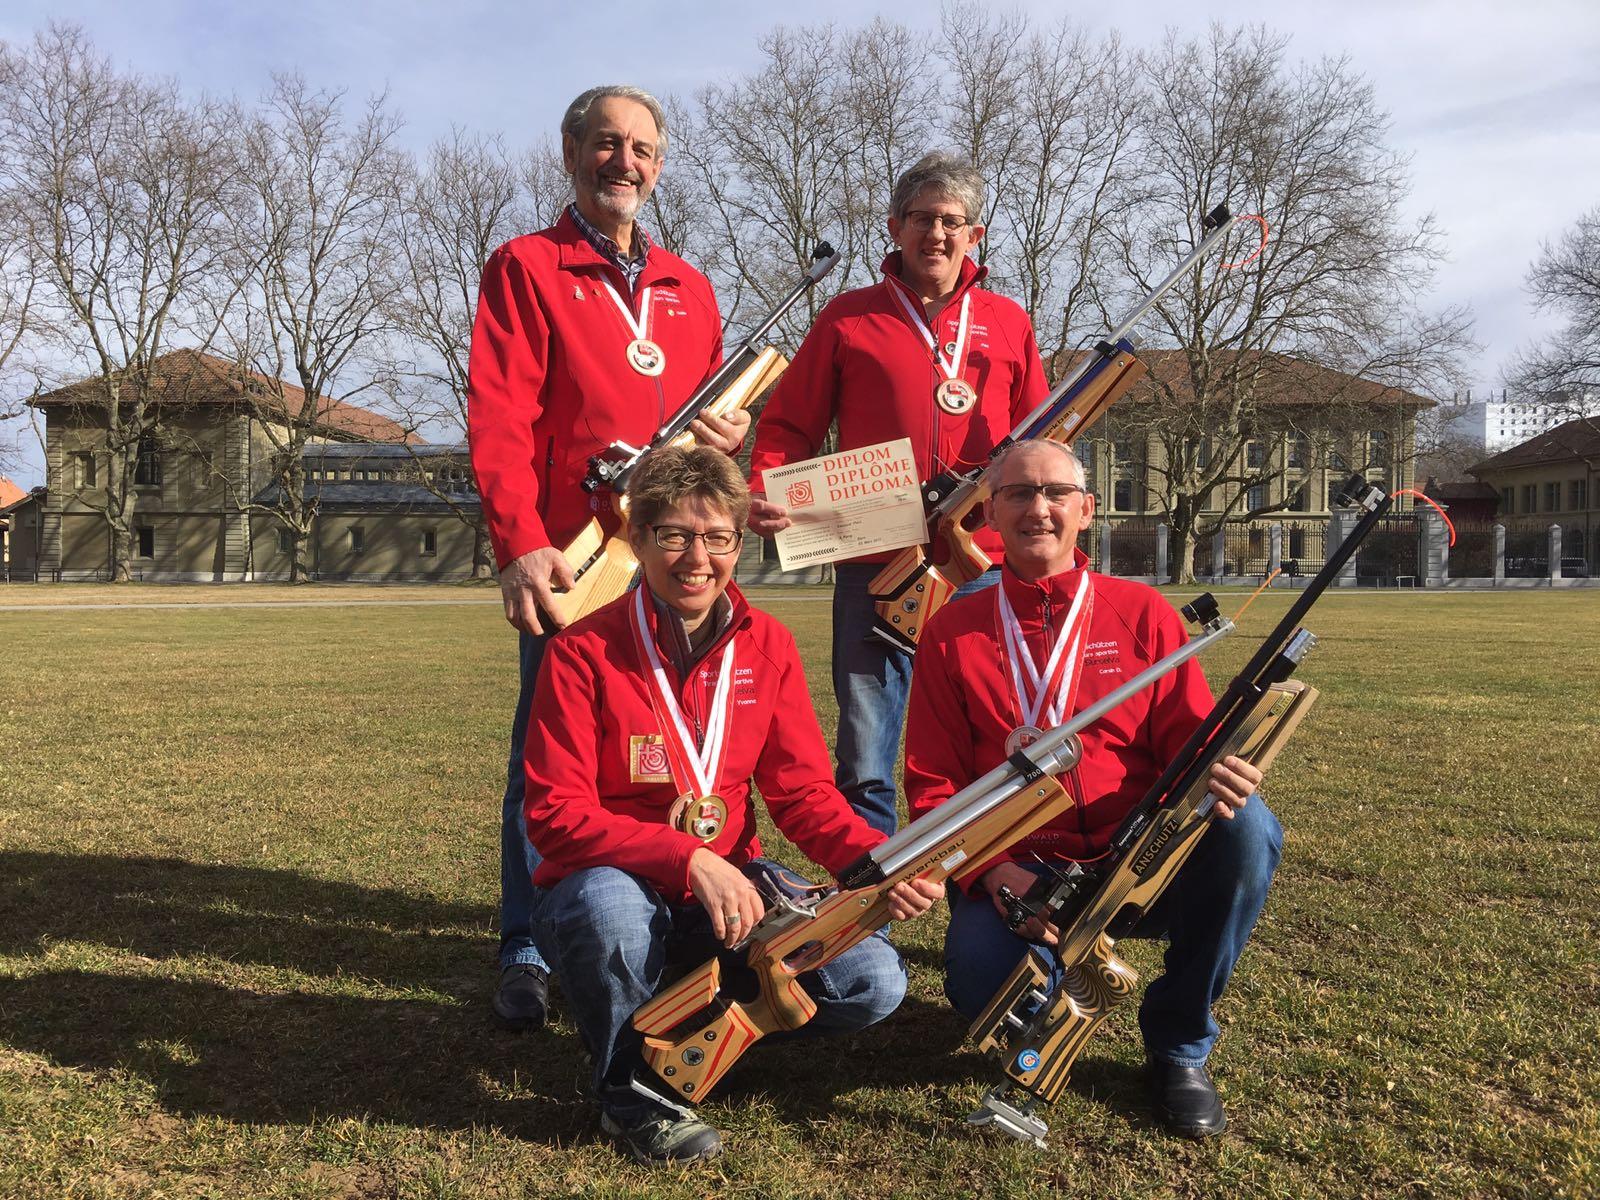 Schweizer Meisterschaft Auflageschiessen 2017 Gruppe 3. Rang